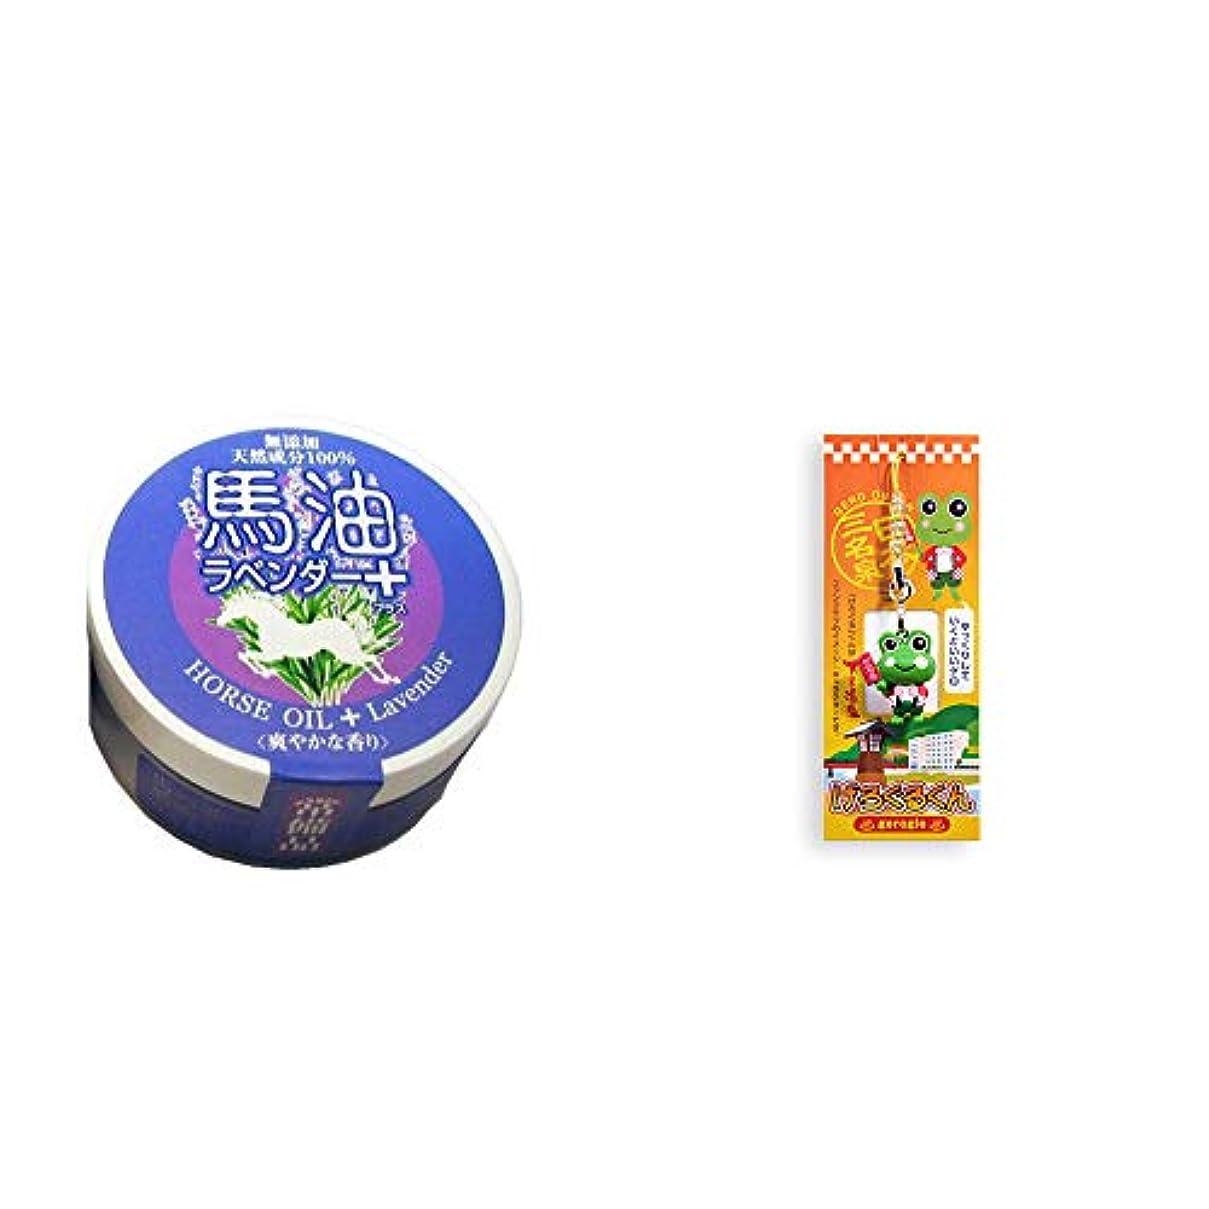 麻痺テラス豆腐[2点セット] 無添加天然成分100% 馬油[ラベンダー](38g)?下呂温泉ファンクラブのイメージキャラクター げろぐるくんストラップ